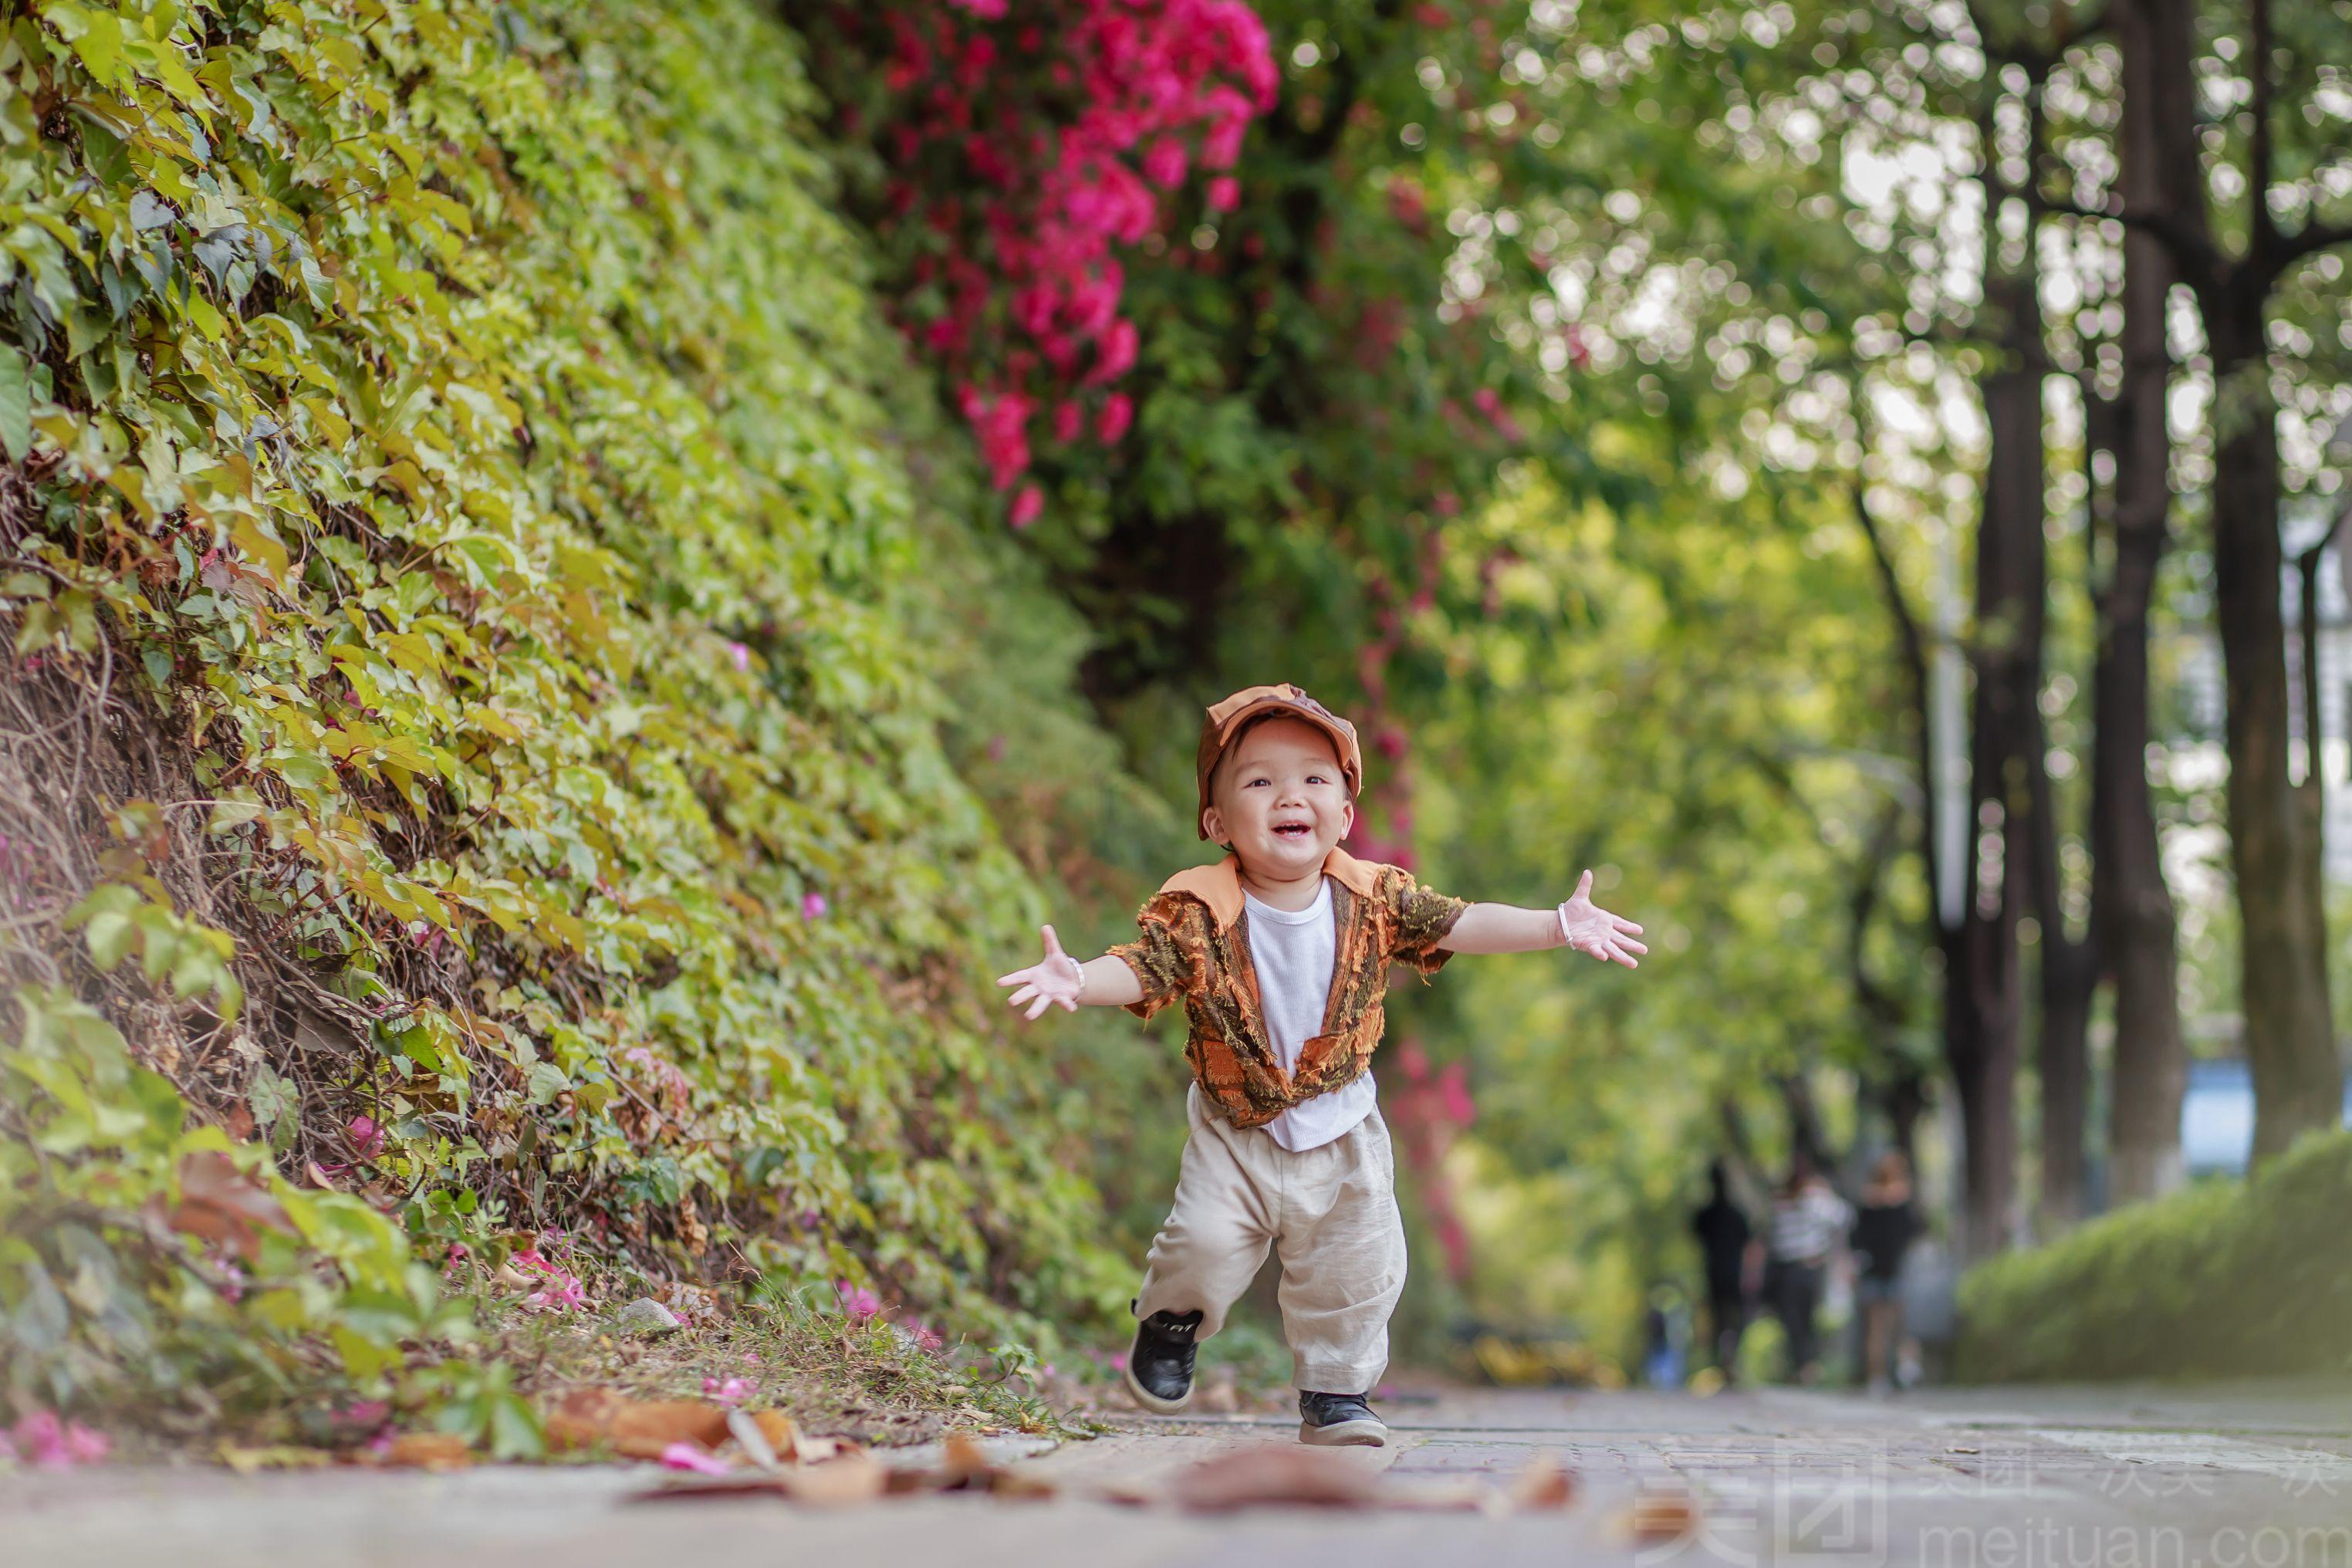 【小皇国创意儿童摄影】儿童写真唯美外景拍摄